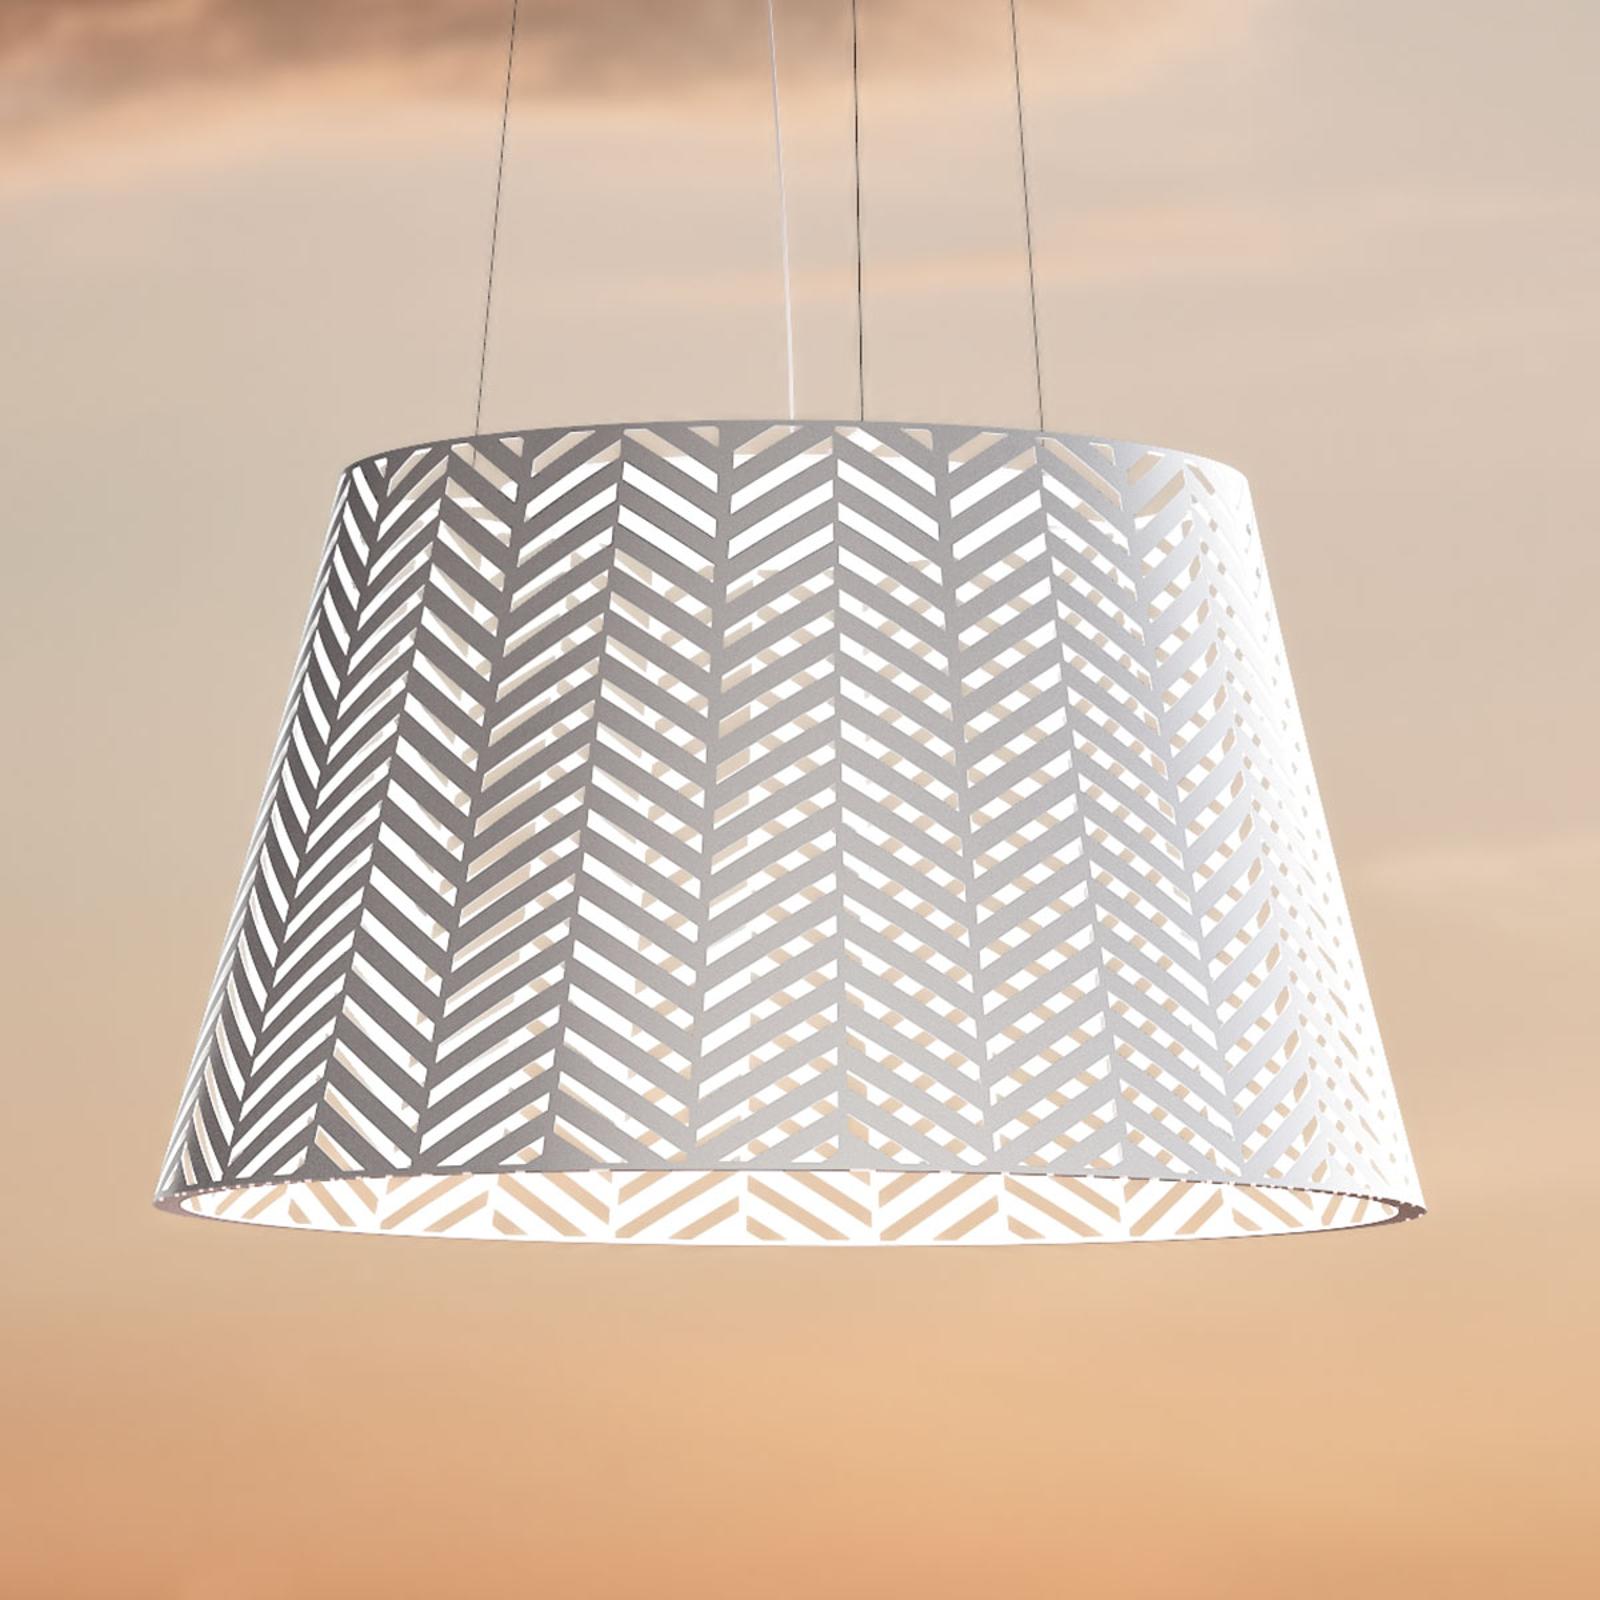 Lampa wisząca LED Spike do wewnątrz i na zewnątrz